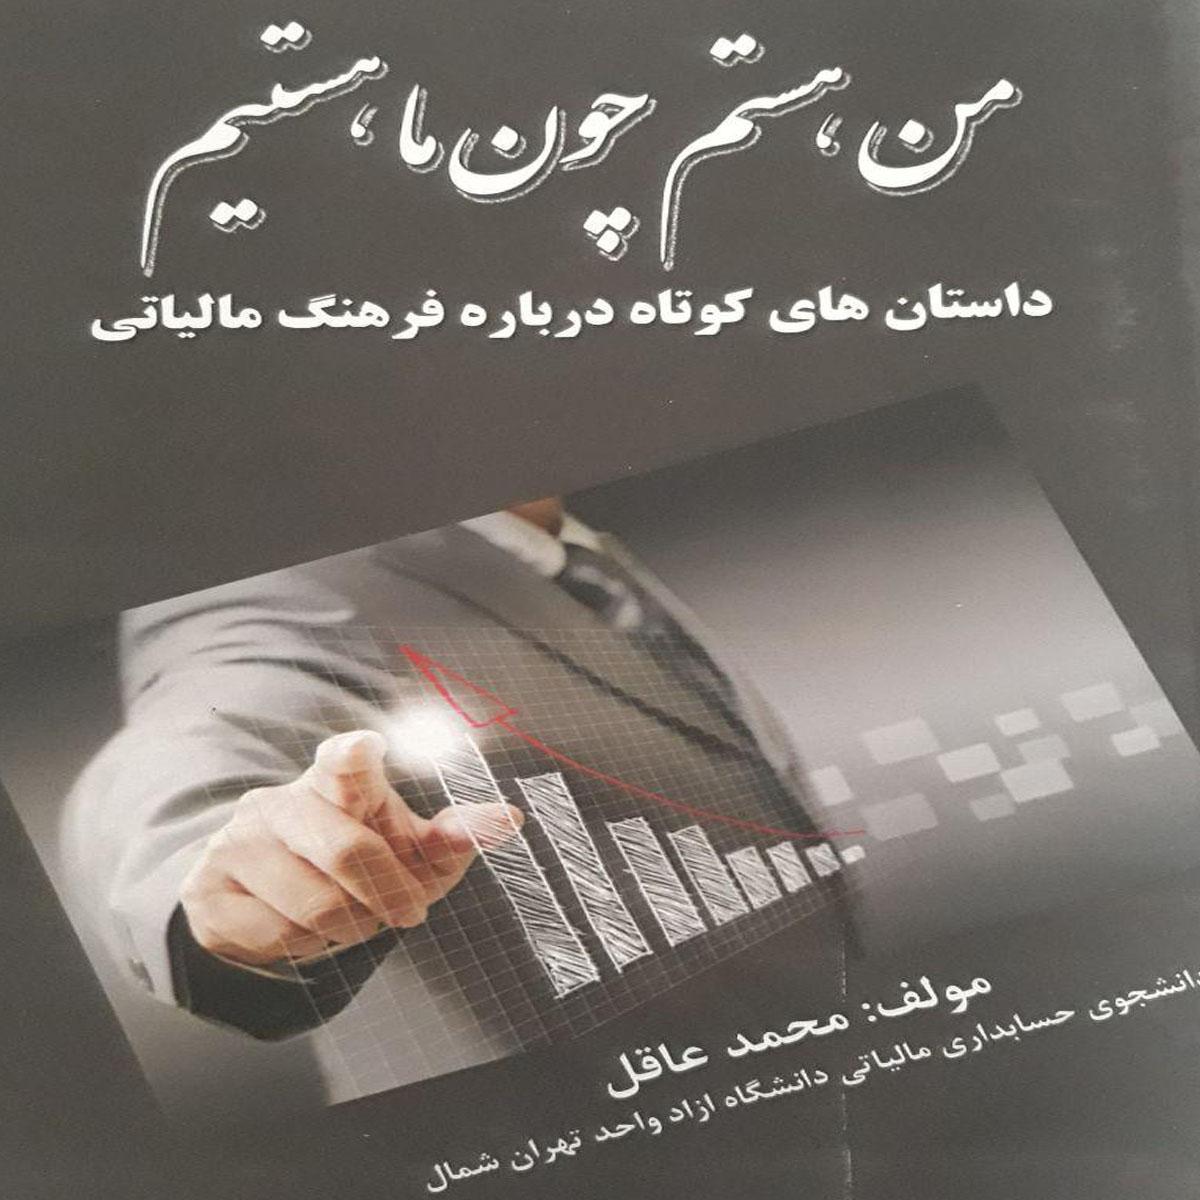 کتاب من هستم چون ما هستیم اثر محمد عاقل انتشارات آفرینندگان